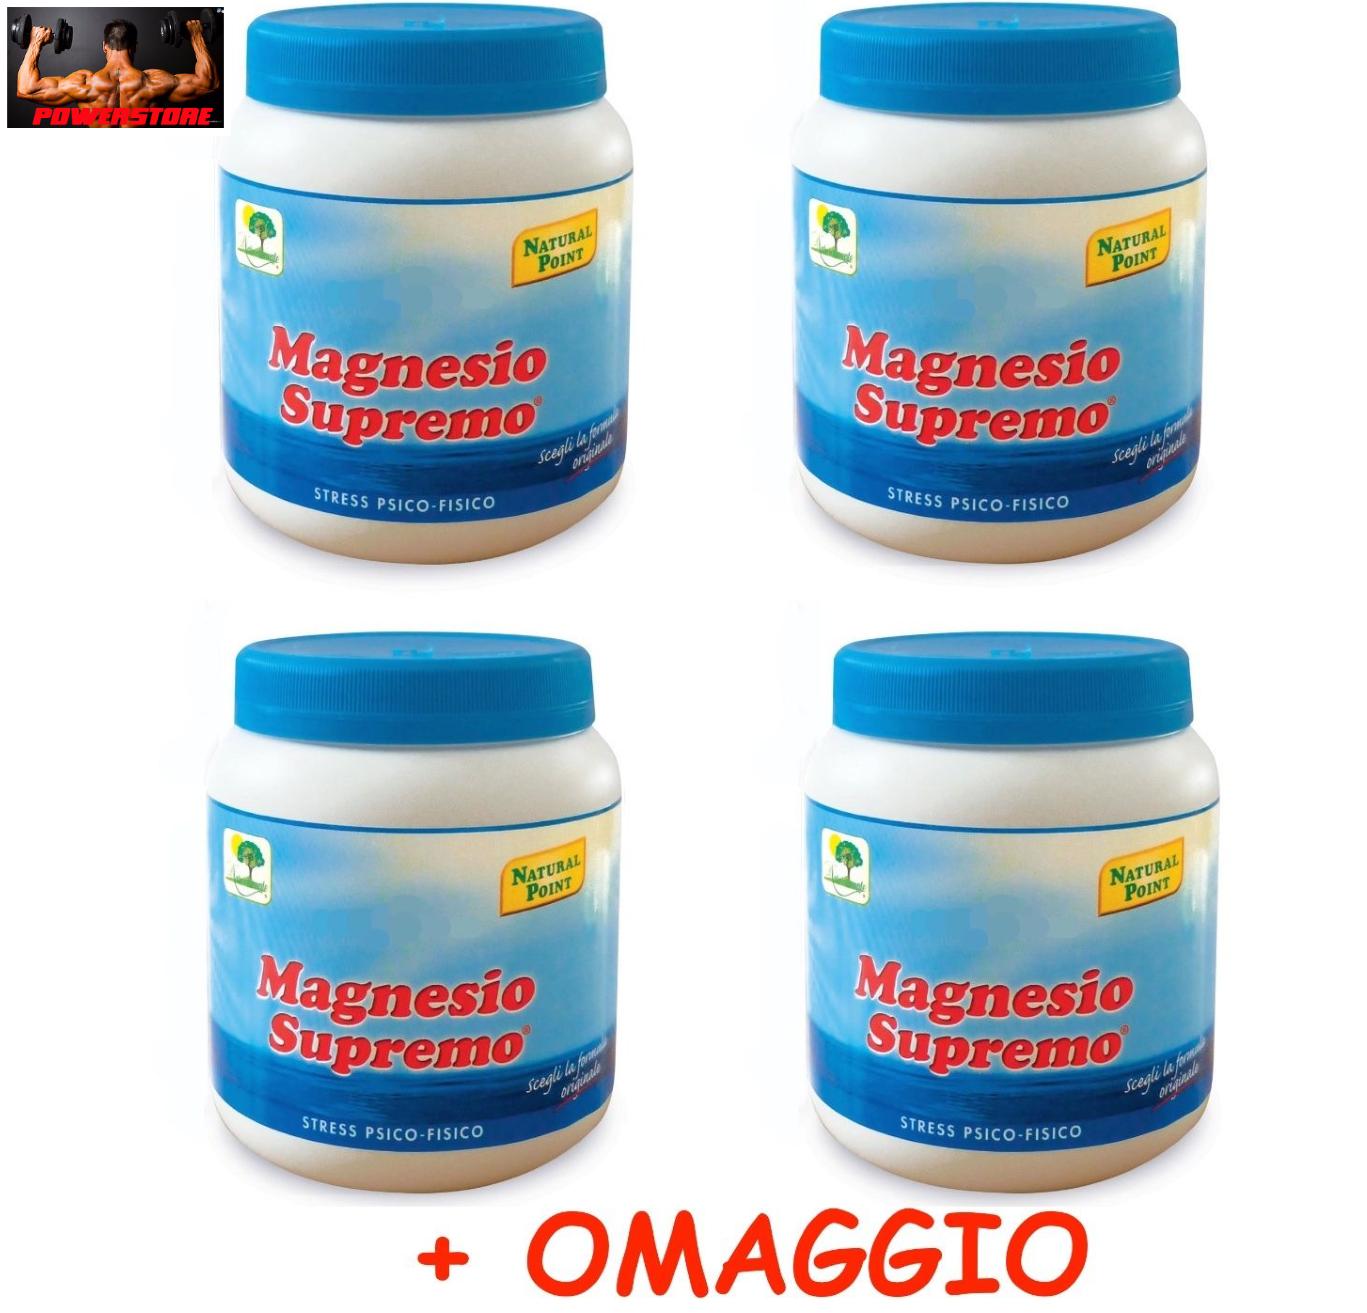 NATURAL POINT - MAGNESIO SUPREMO 4 x 300 GR + OMAGGIO - ANTISTRESS NATURALE